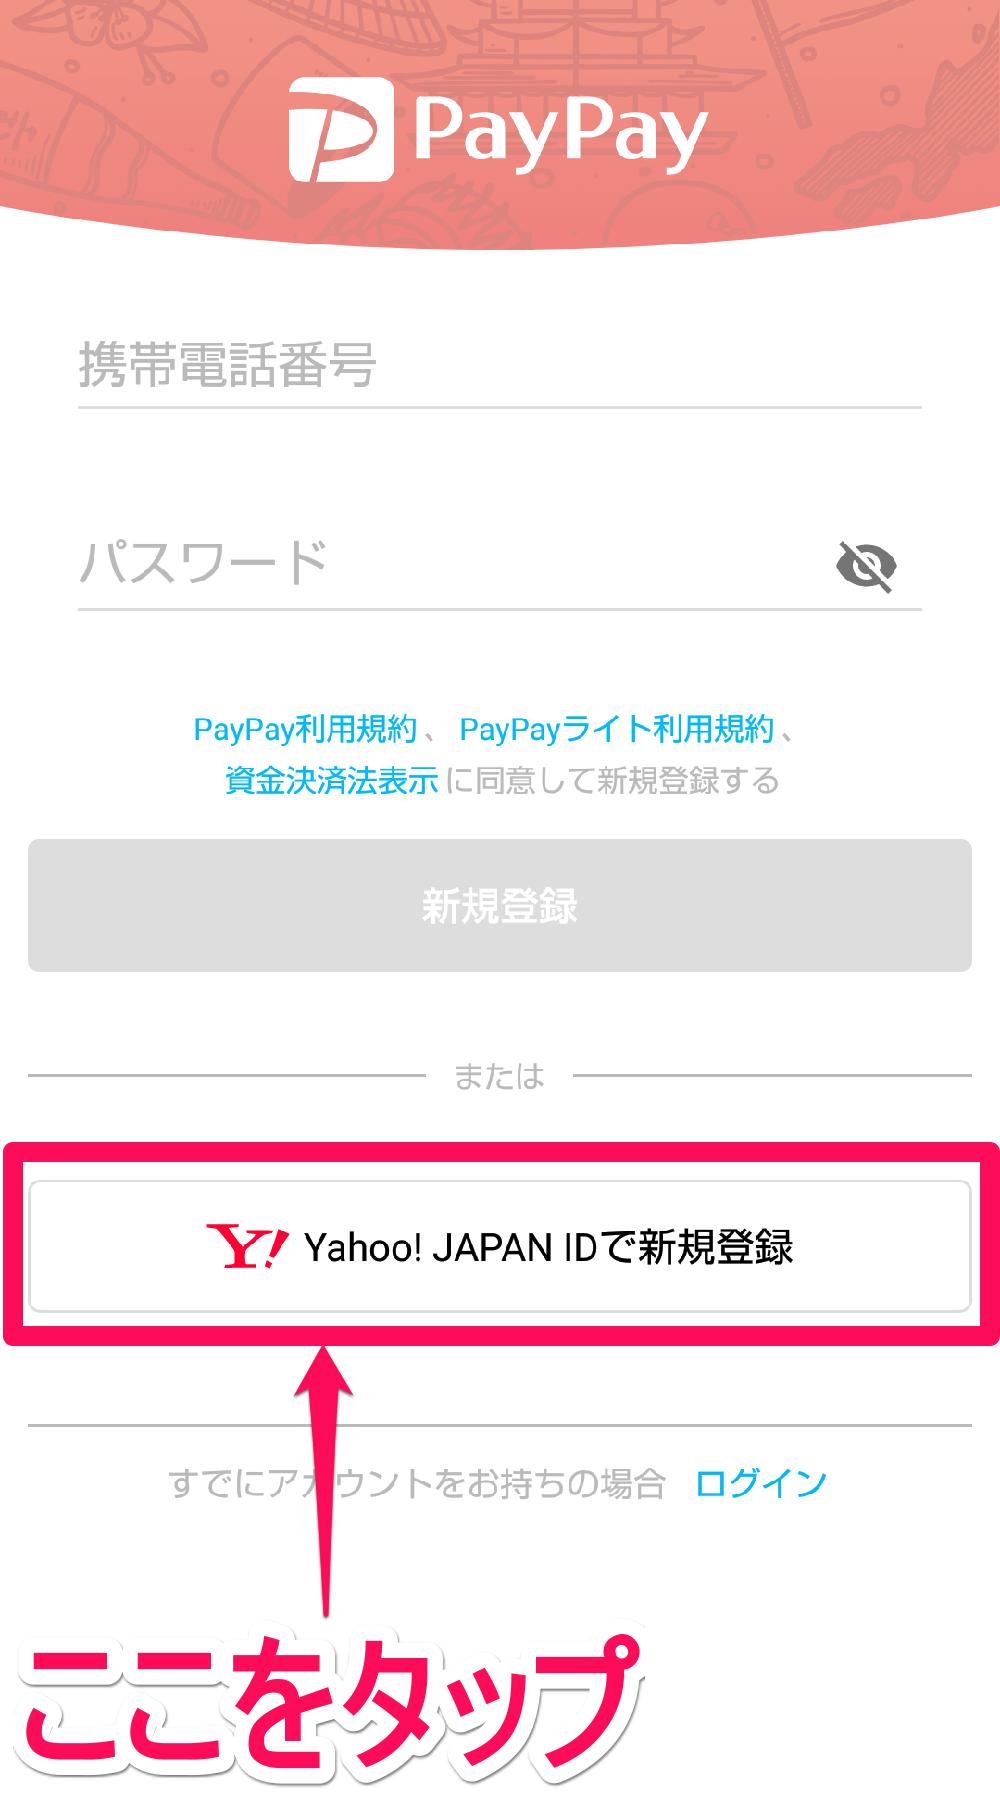 PayPayアプリ(ペイペイアプリ)の新規登録画面